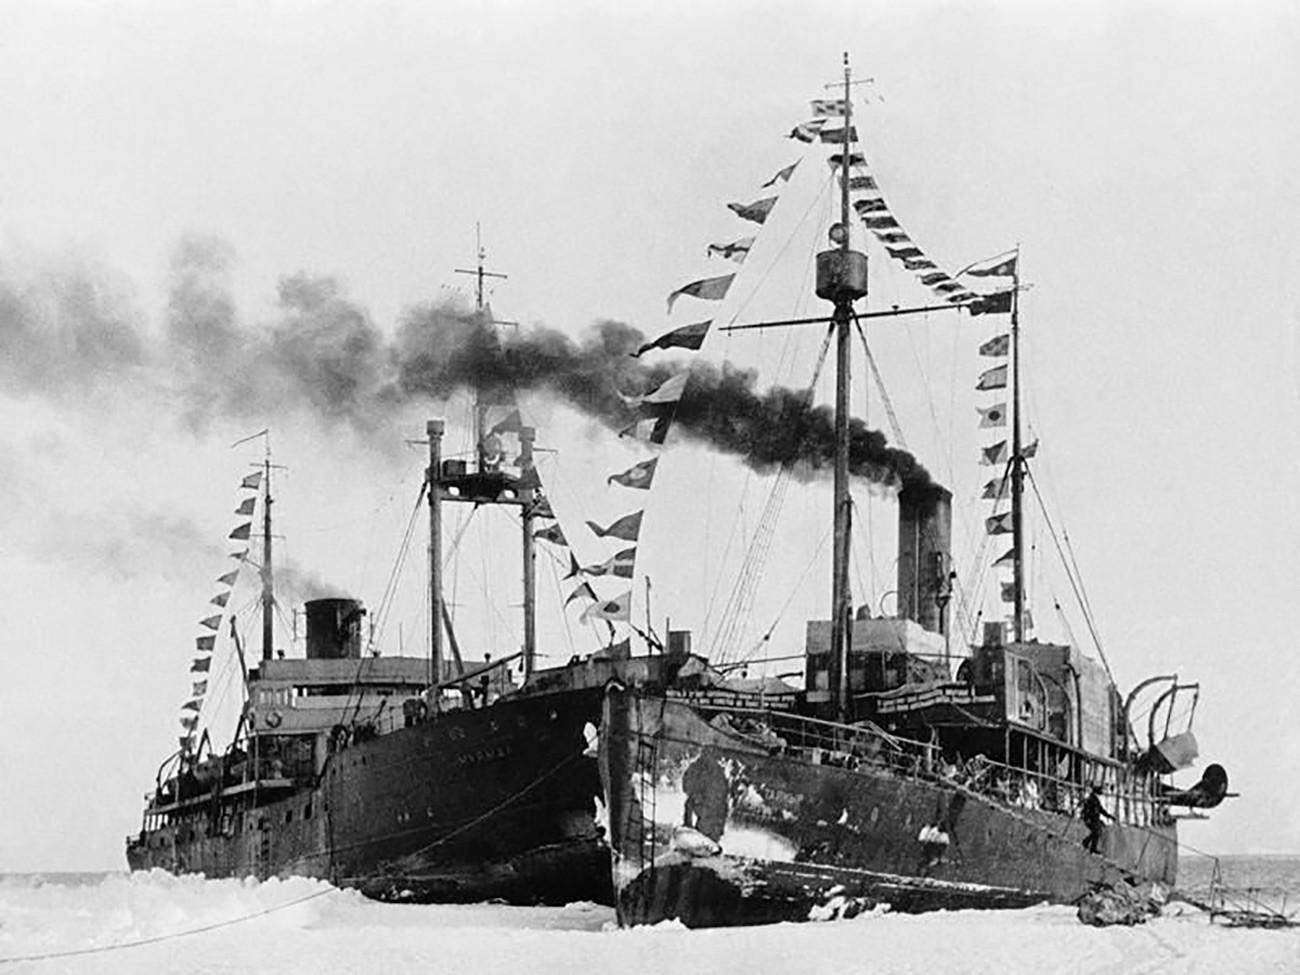 砕氷船「タイムィル」と「ムルマン」